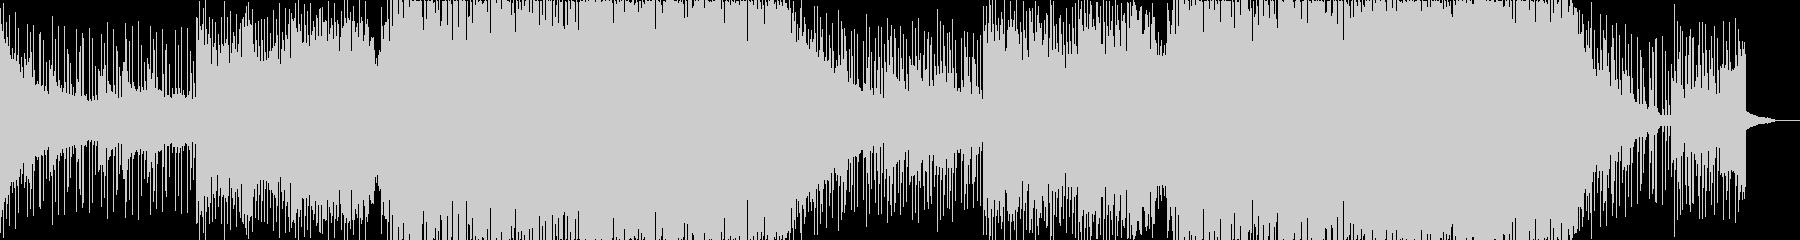 ピアノのとシンセサイザーの切なめEDMの未再生の波形